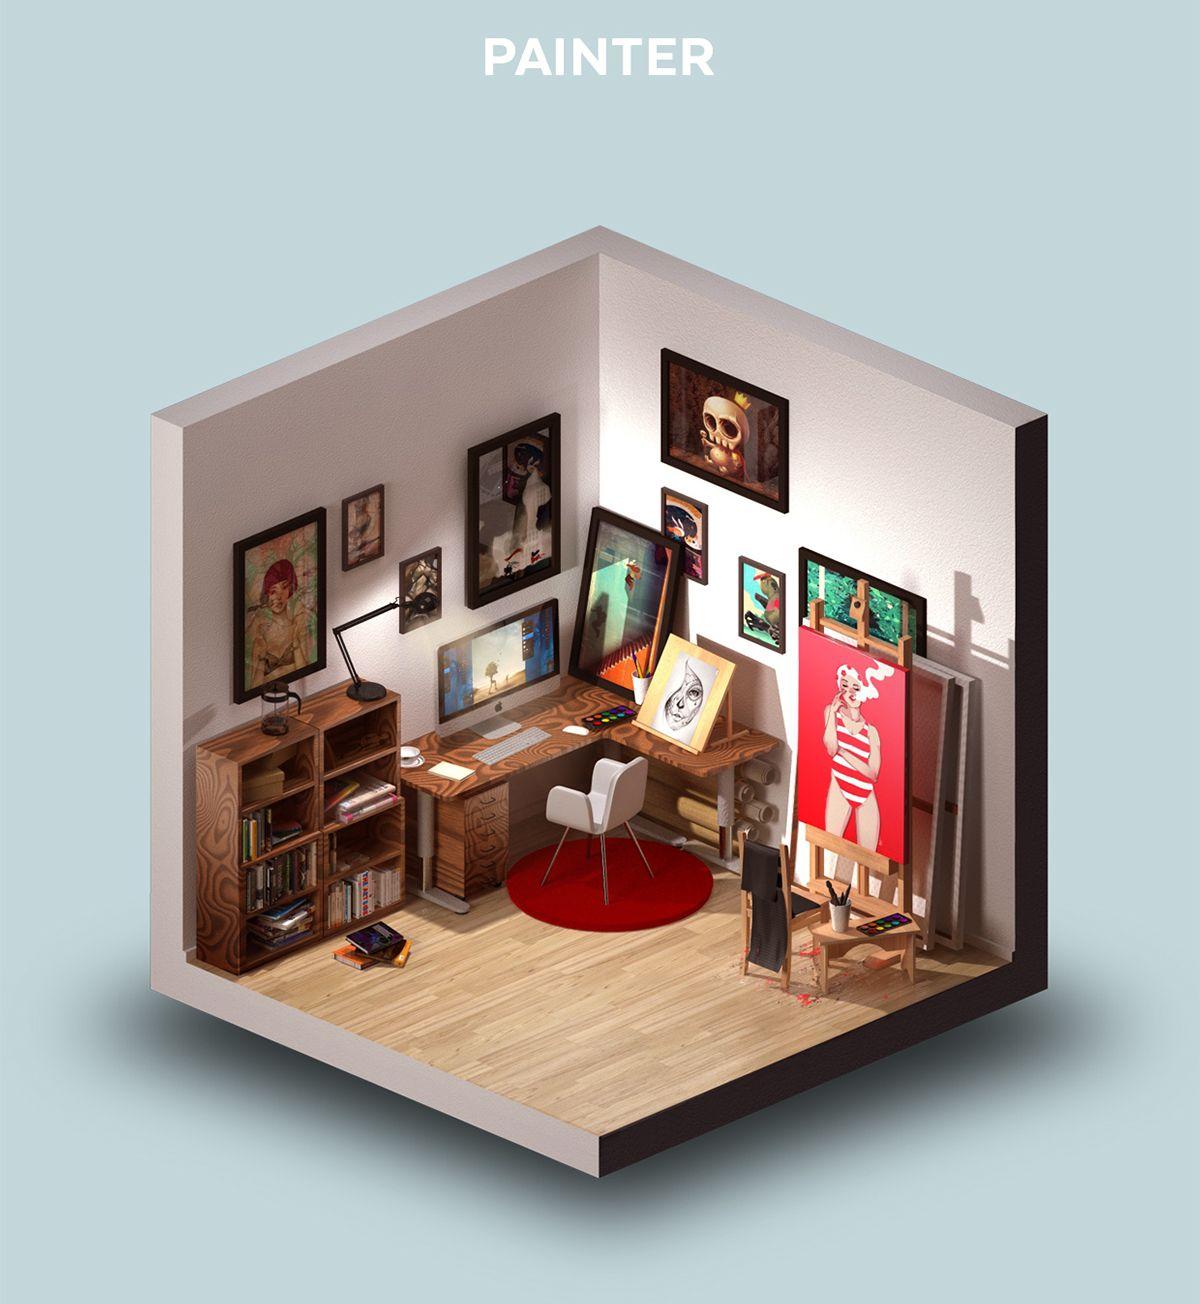 https://www.behance.net/gallery/27292481/Room-of-artist